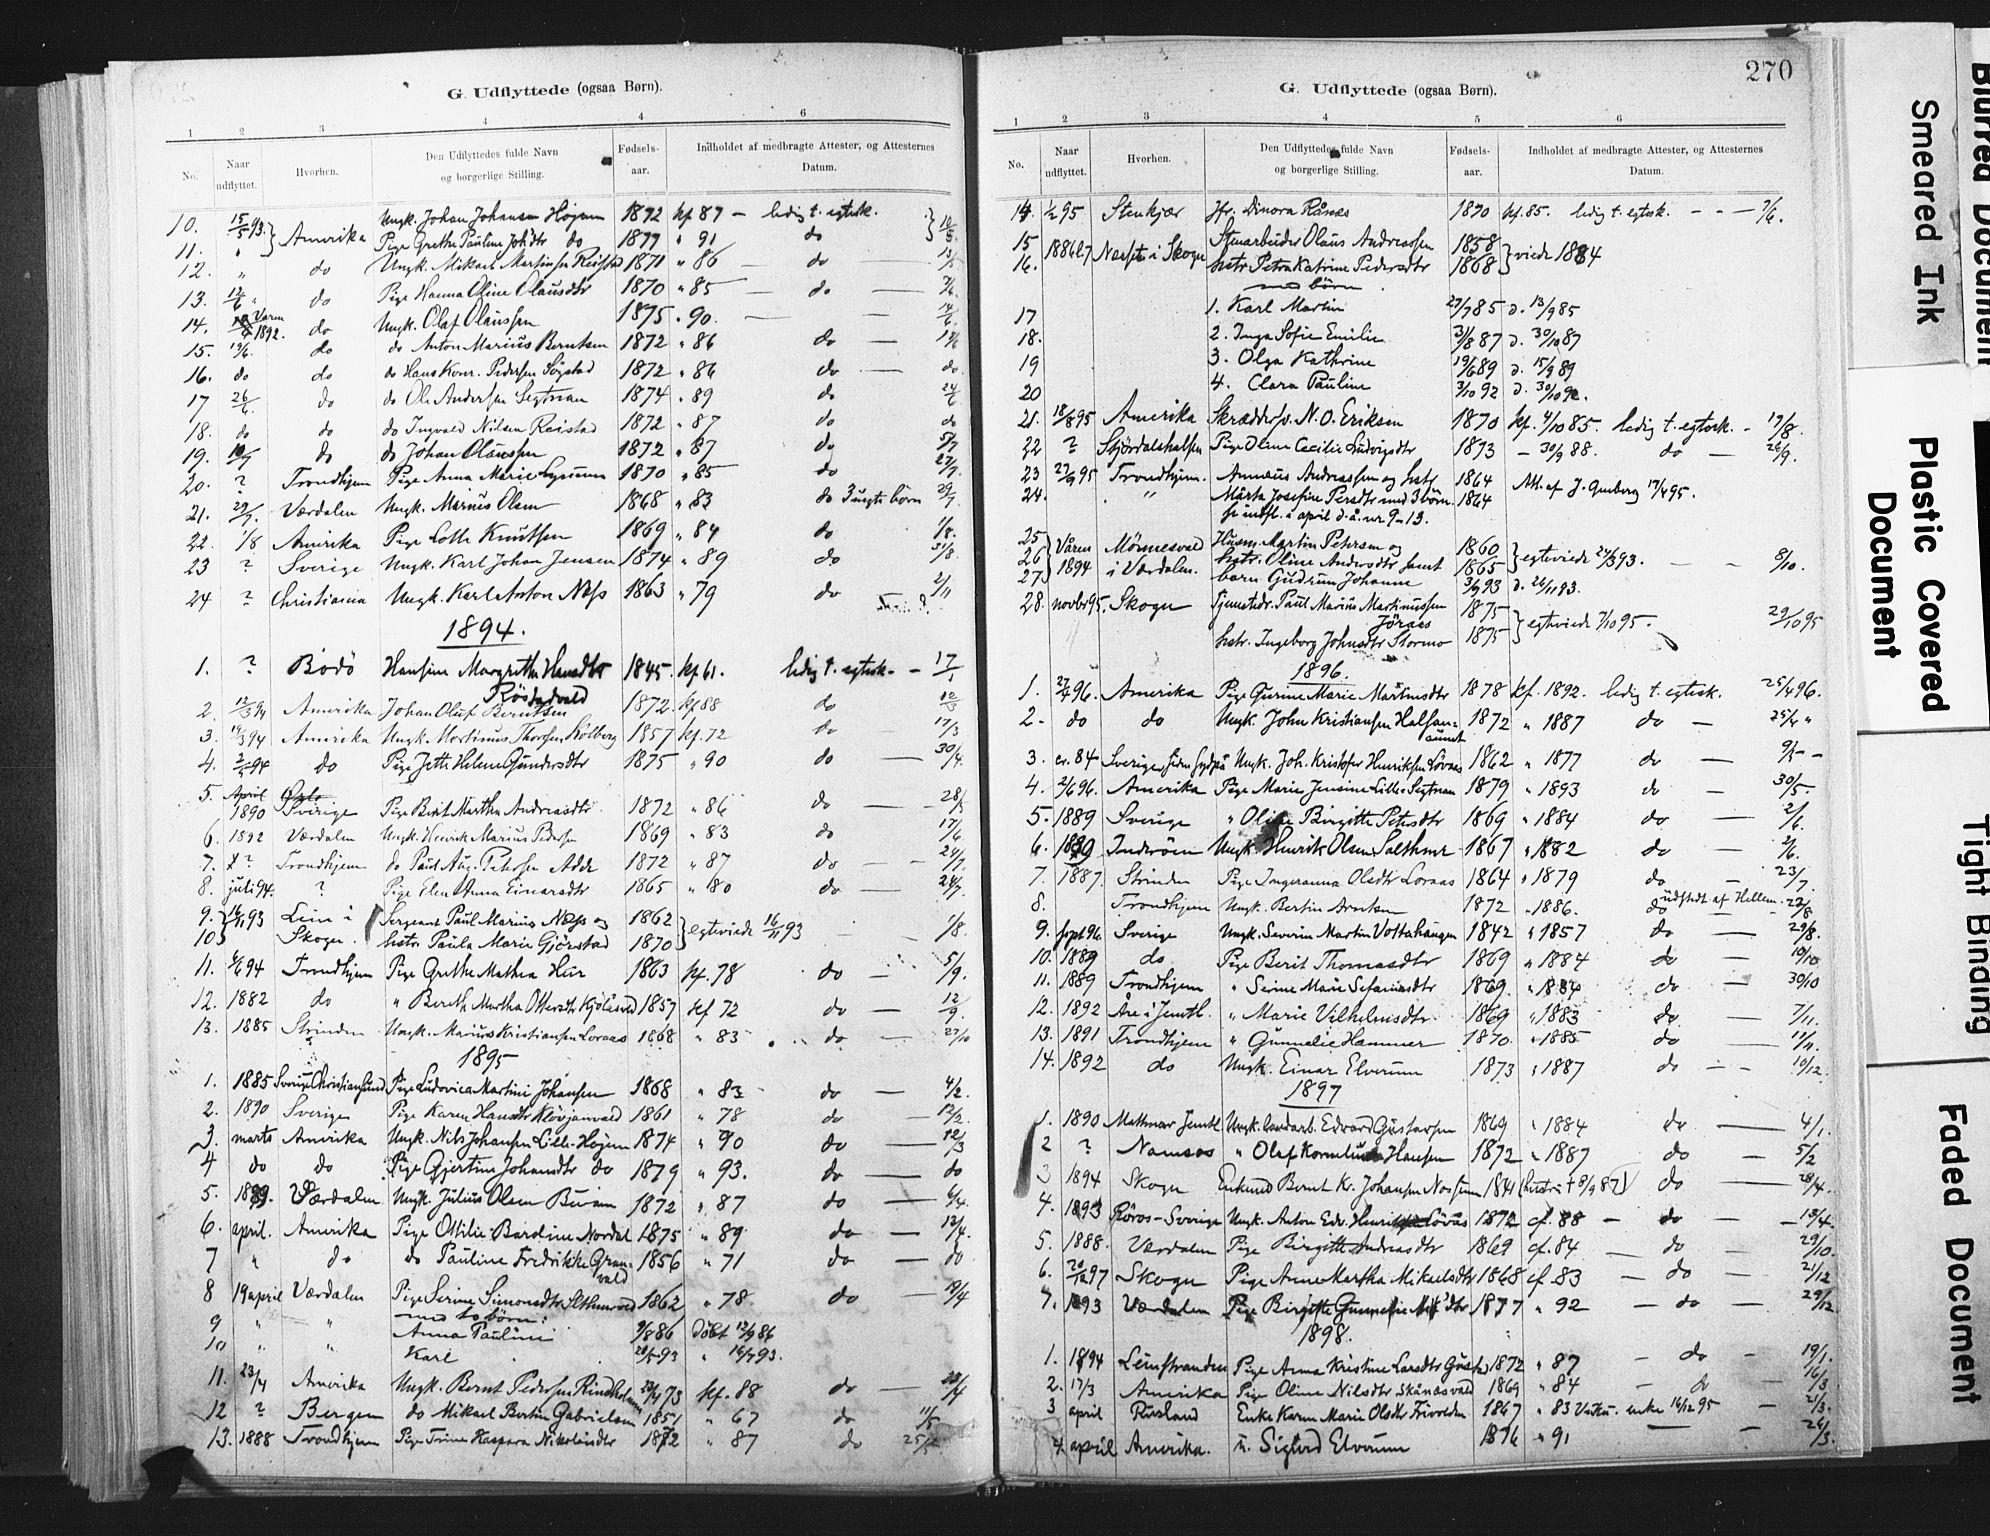 SAT, Ministerialprotokoller, klokkerbøker og fødselsregistre - Nord-Trøndelag, 721/L0207: Ministerialbok nr. 721A02, 1880-1911, s. 270